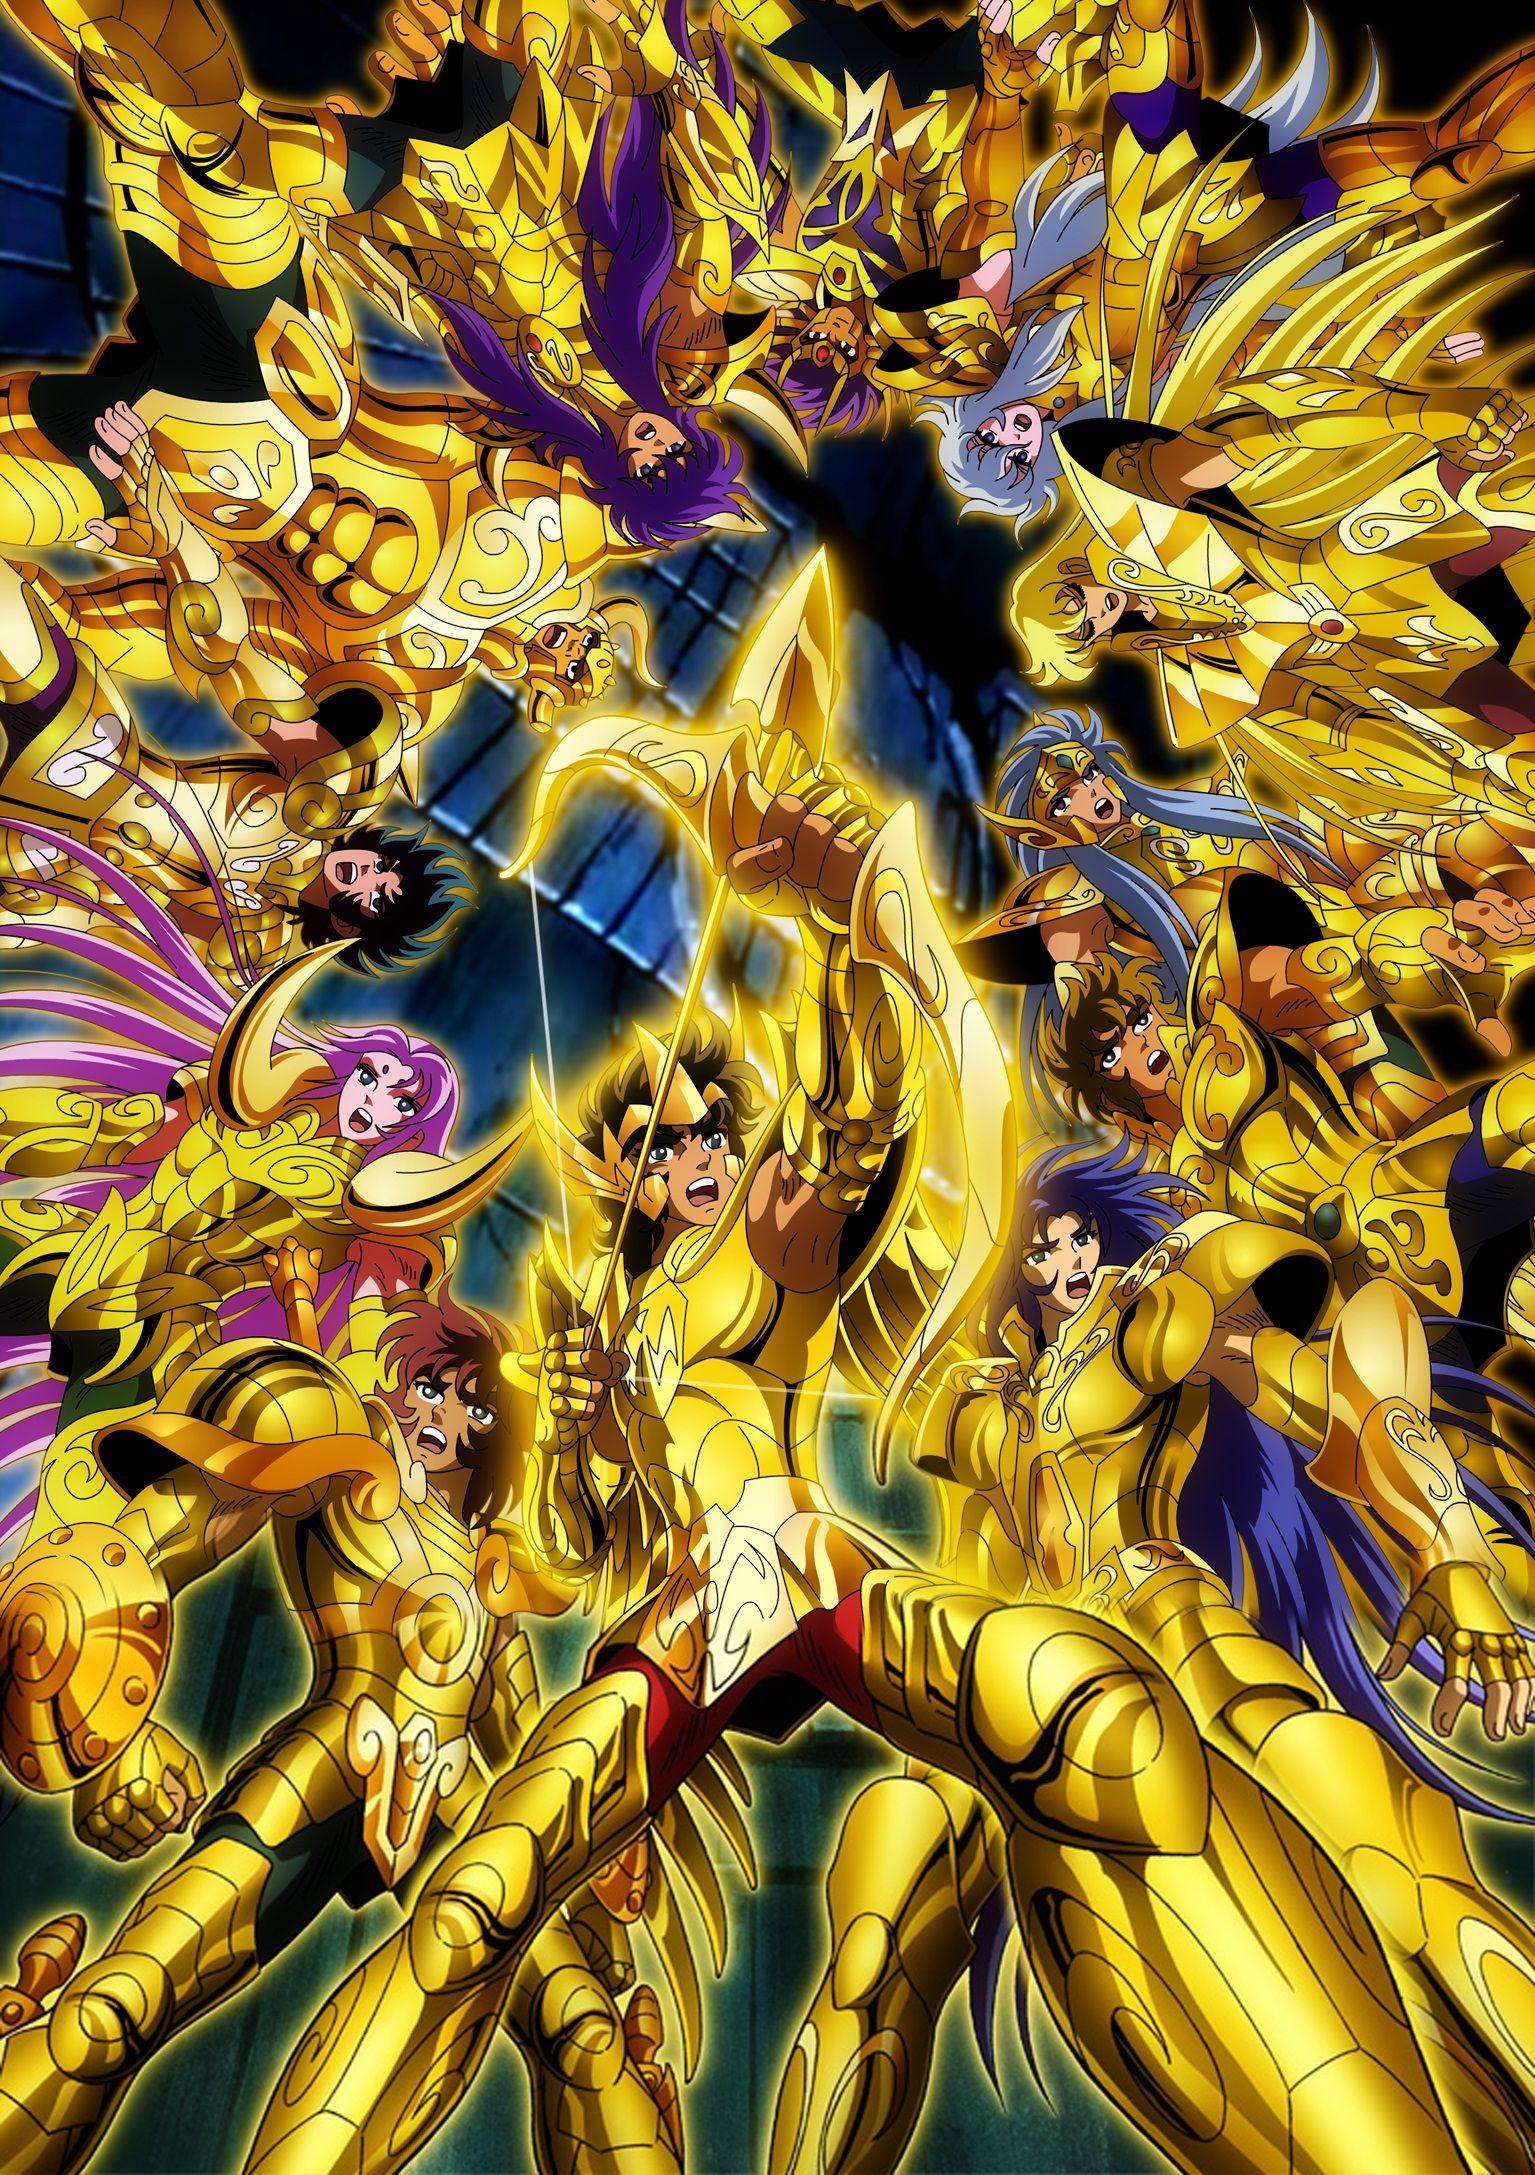 Santos De Oro Muro De Los Lamentos Cavaleiros Do Zodiaco Anime